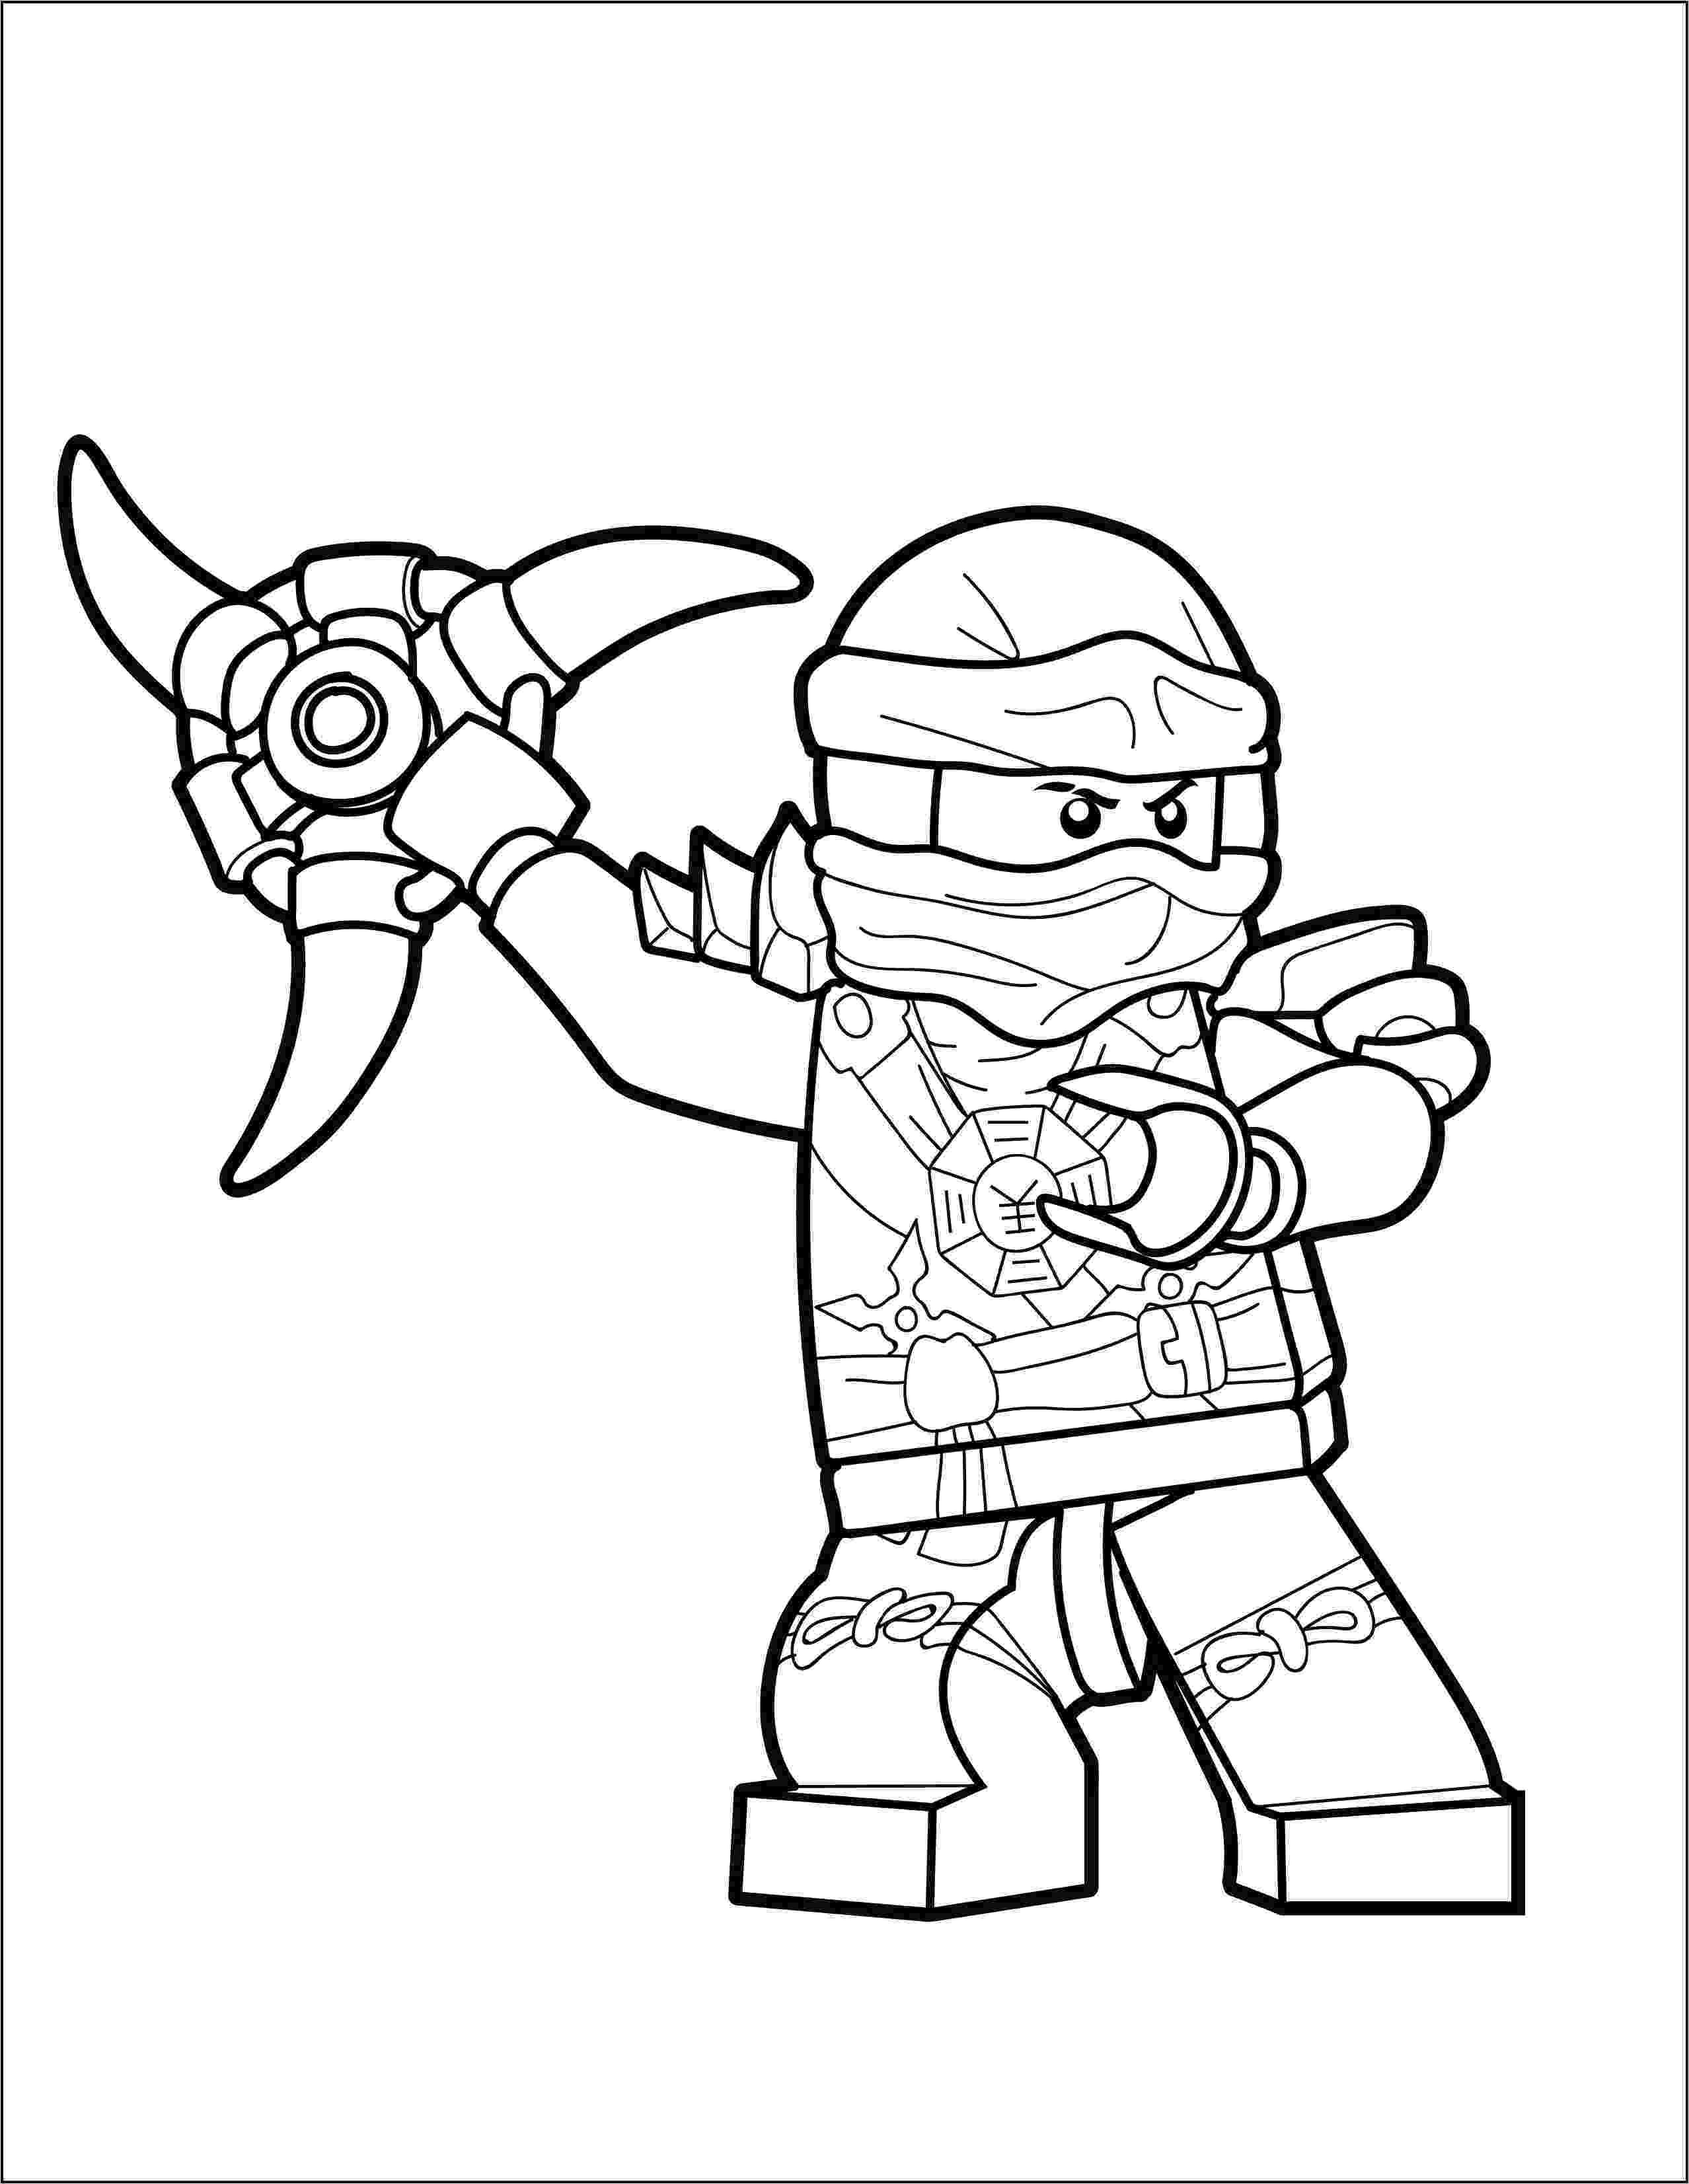 ninjago coloring pages jay lego ninjago coloring page jay the brick show pages coloring jay ninjago